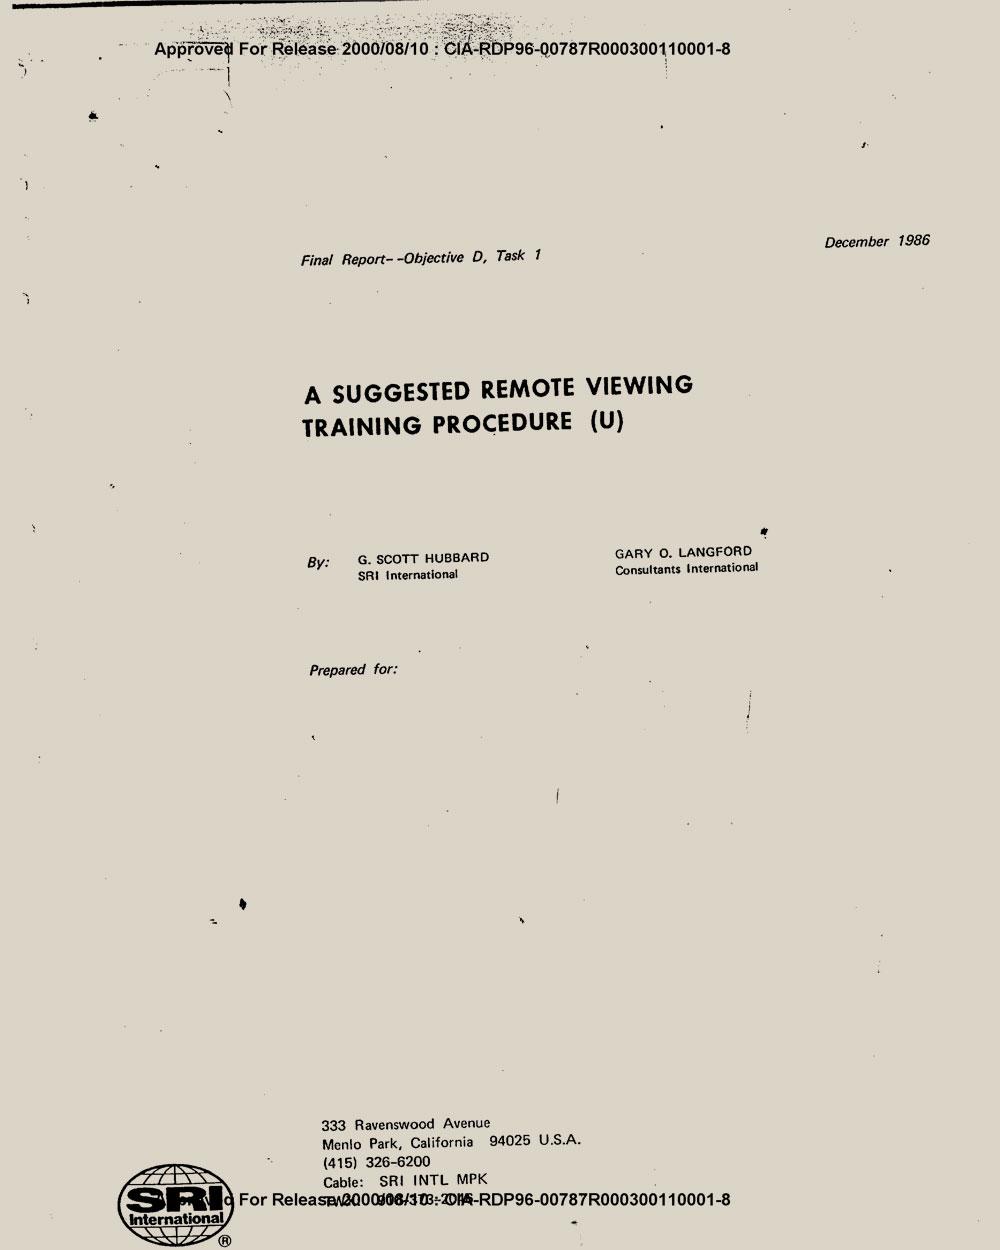 Training procedure   CIA document